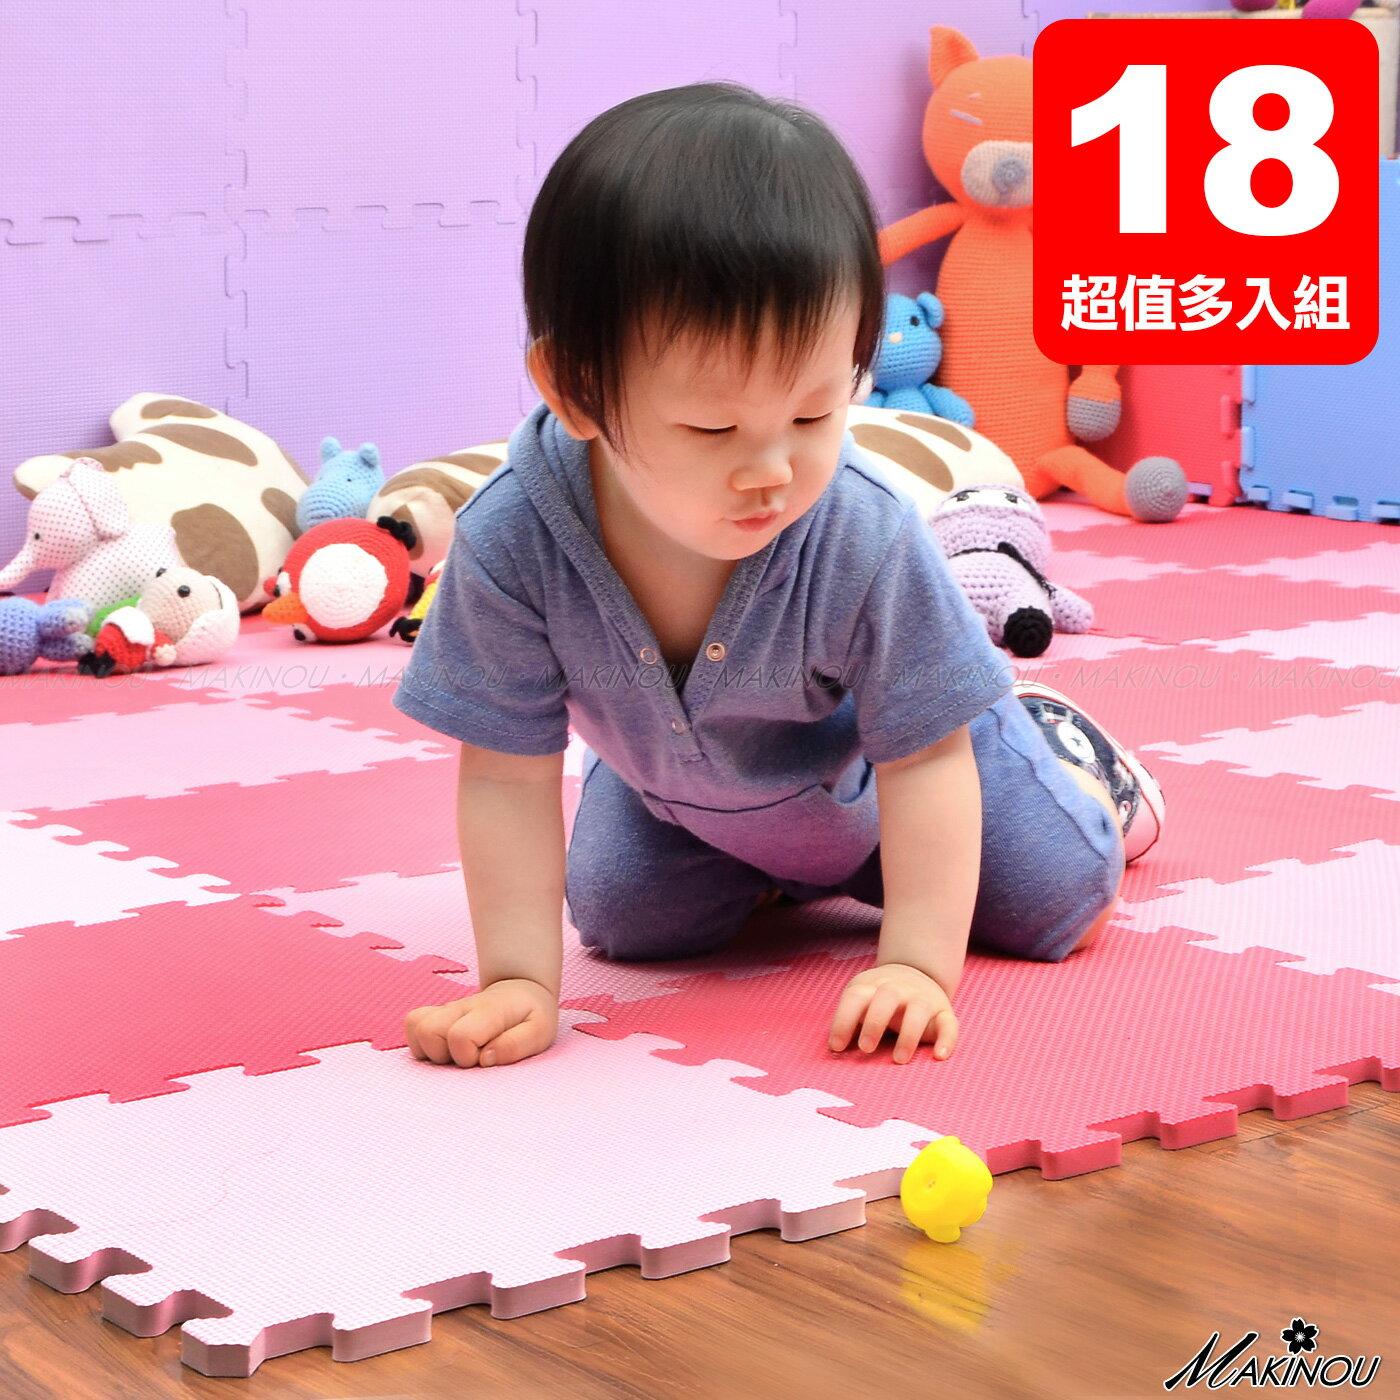 地墊|18入-無甲醯胺素面巧拼地墊(32*32)│日本MAKINOU 台灣製 爬行軟墊地磚 SGS無毒 牧野丁丁